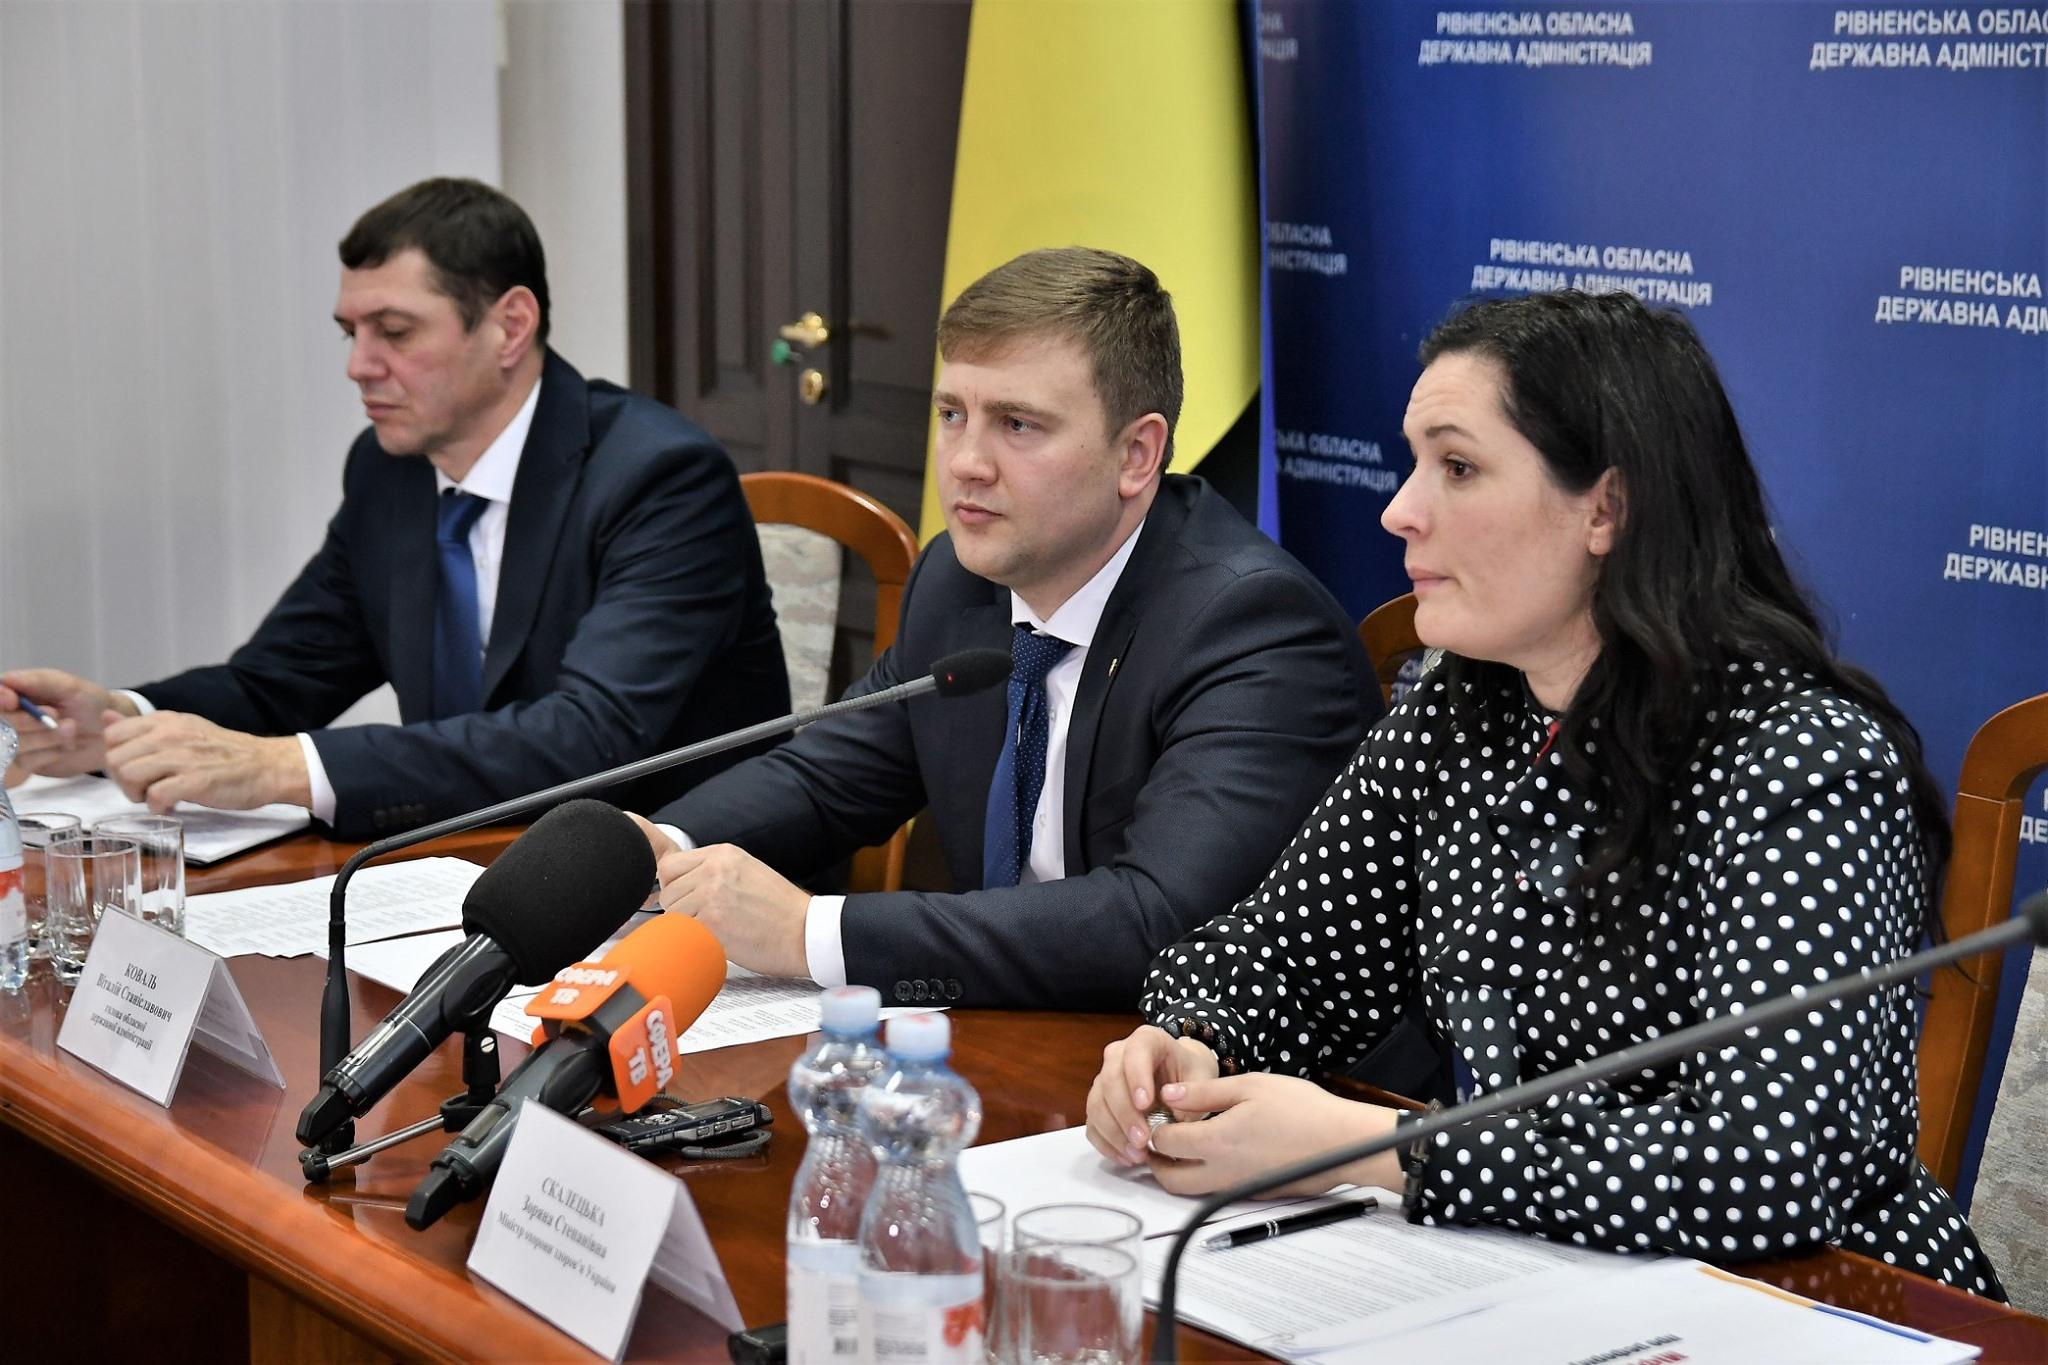 Рівненщина має високі показники готовності до другого етапу медреформи – міністр Зоряна Скалецька